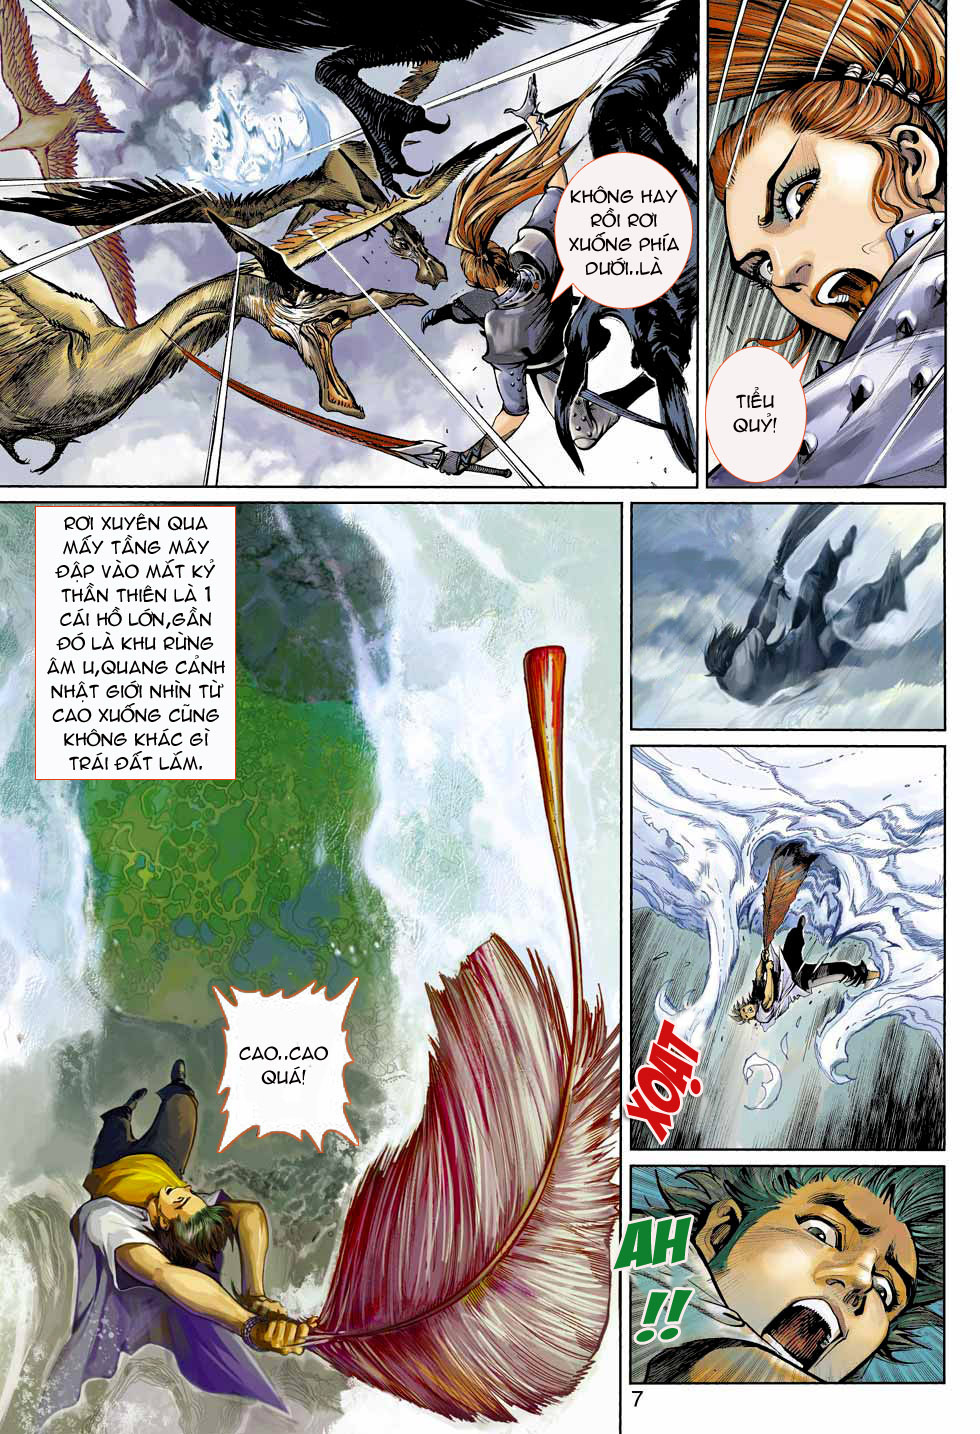 Thần Binh 4 chap 4 - Trang 7